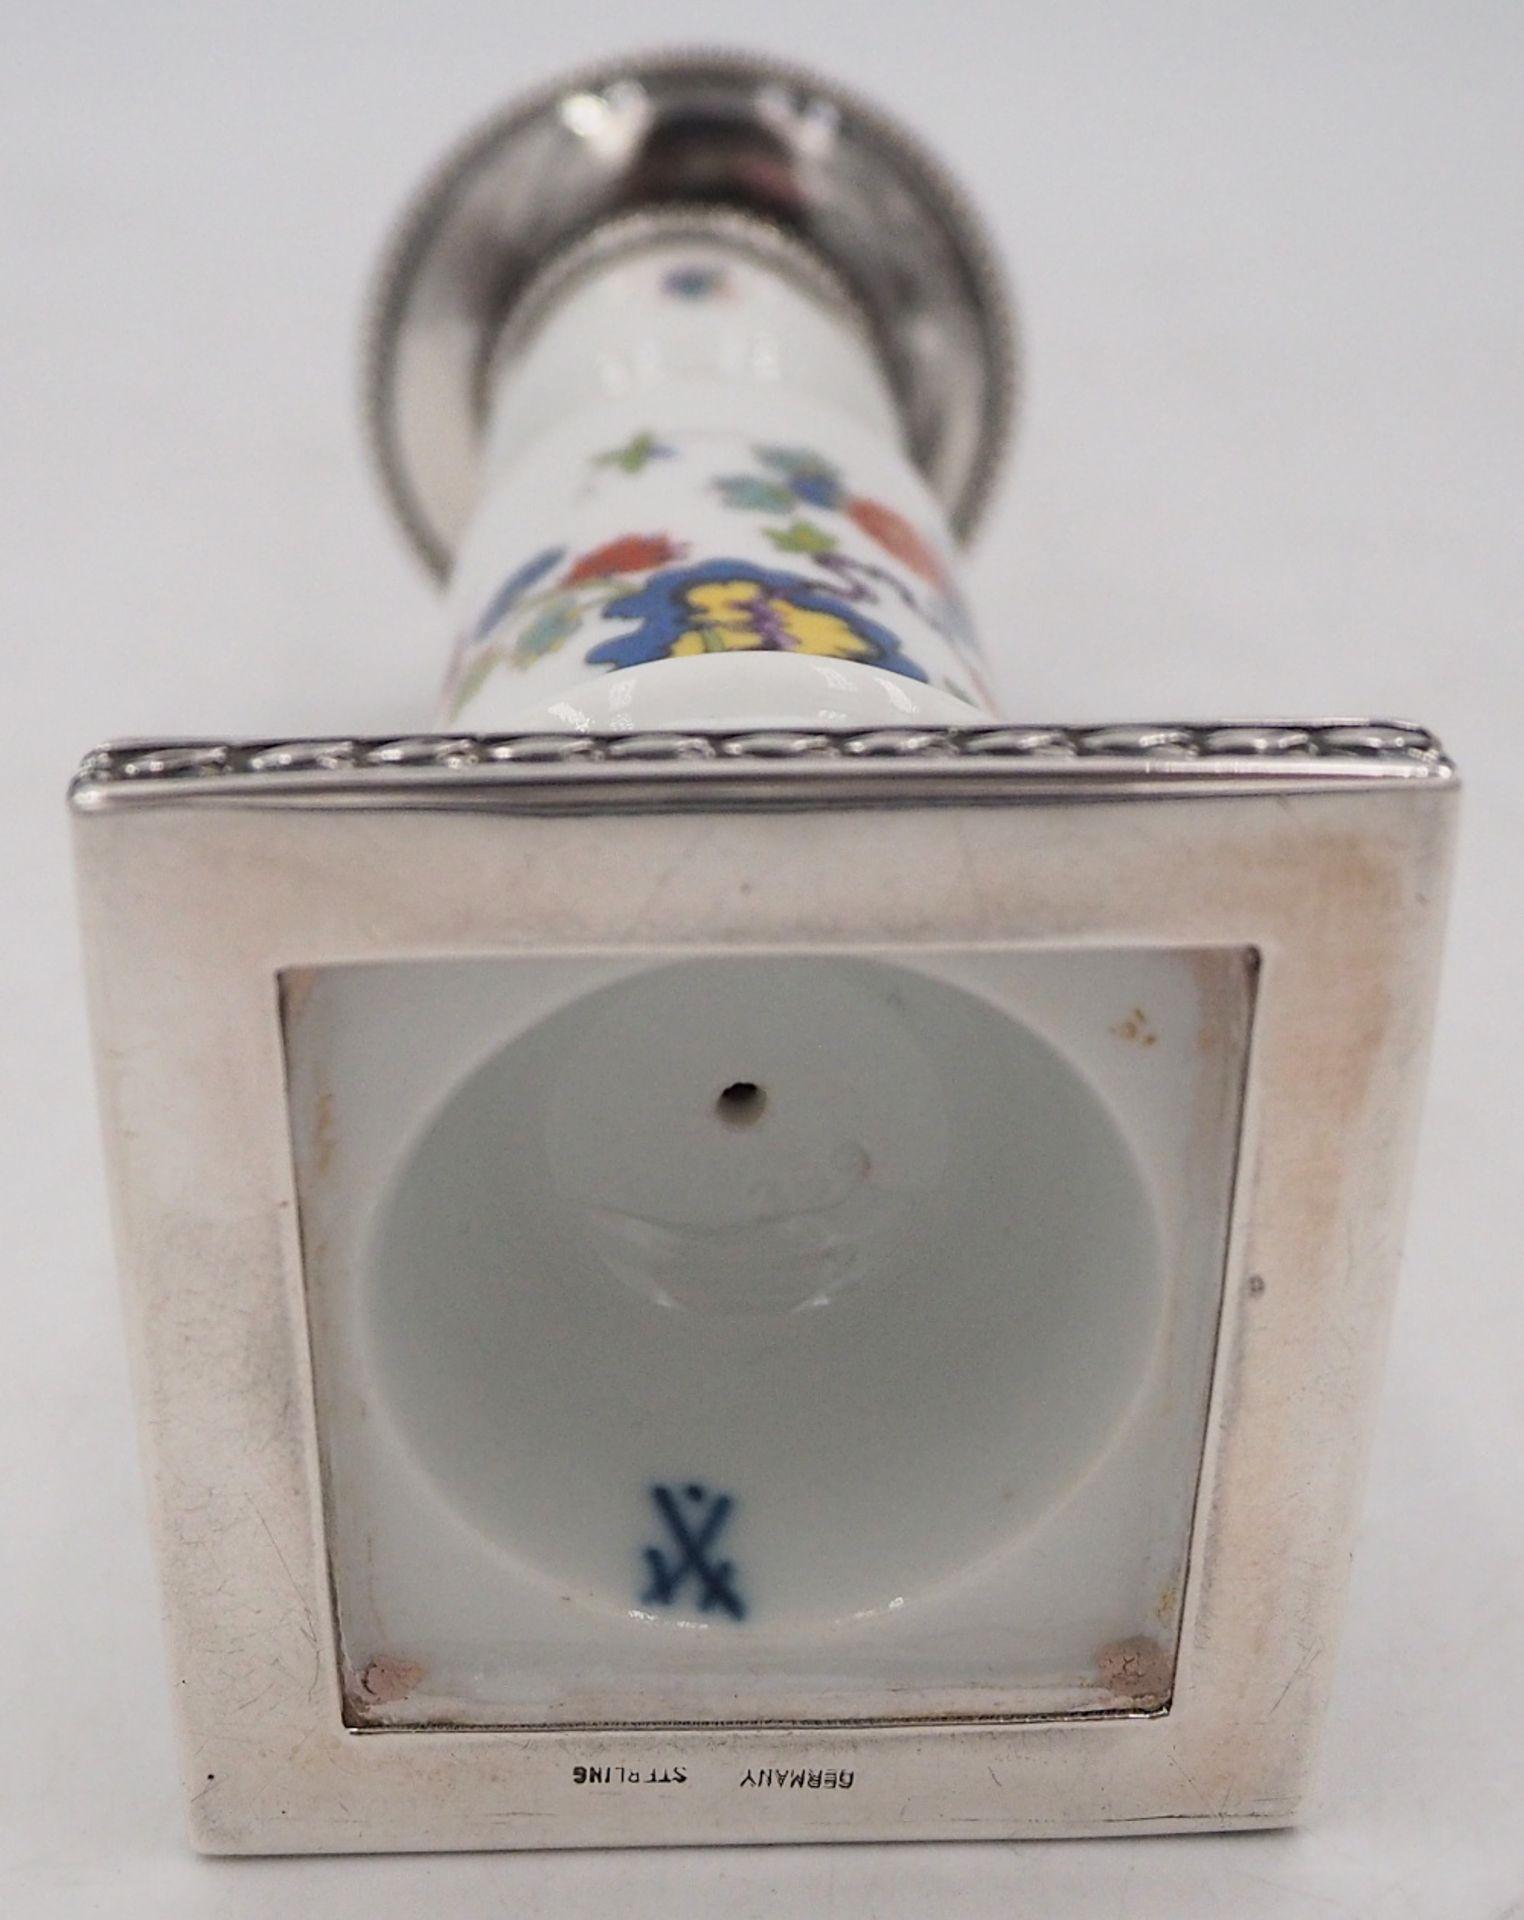 """1 Kerzenleuchter 1-flammig Porzellan MEISSEN """"Indische Blumenmalerei"""" Montierung/Einsa - Bild 3 aus 3"""